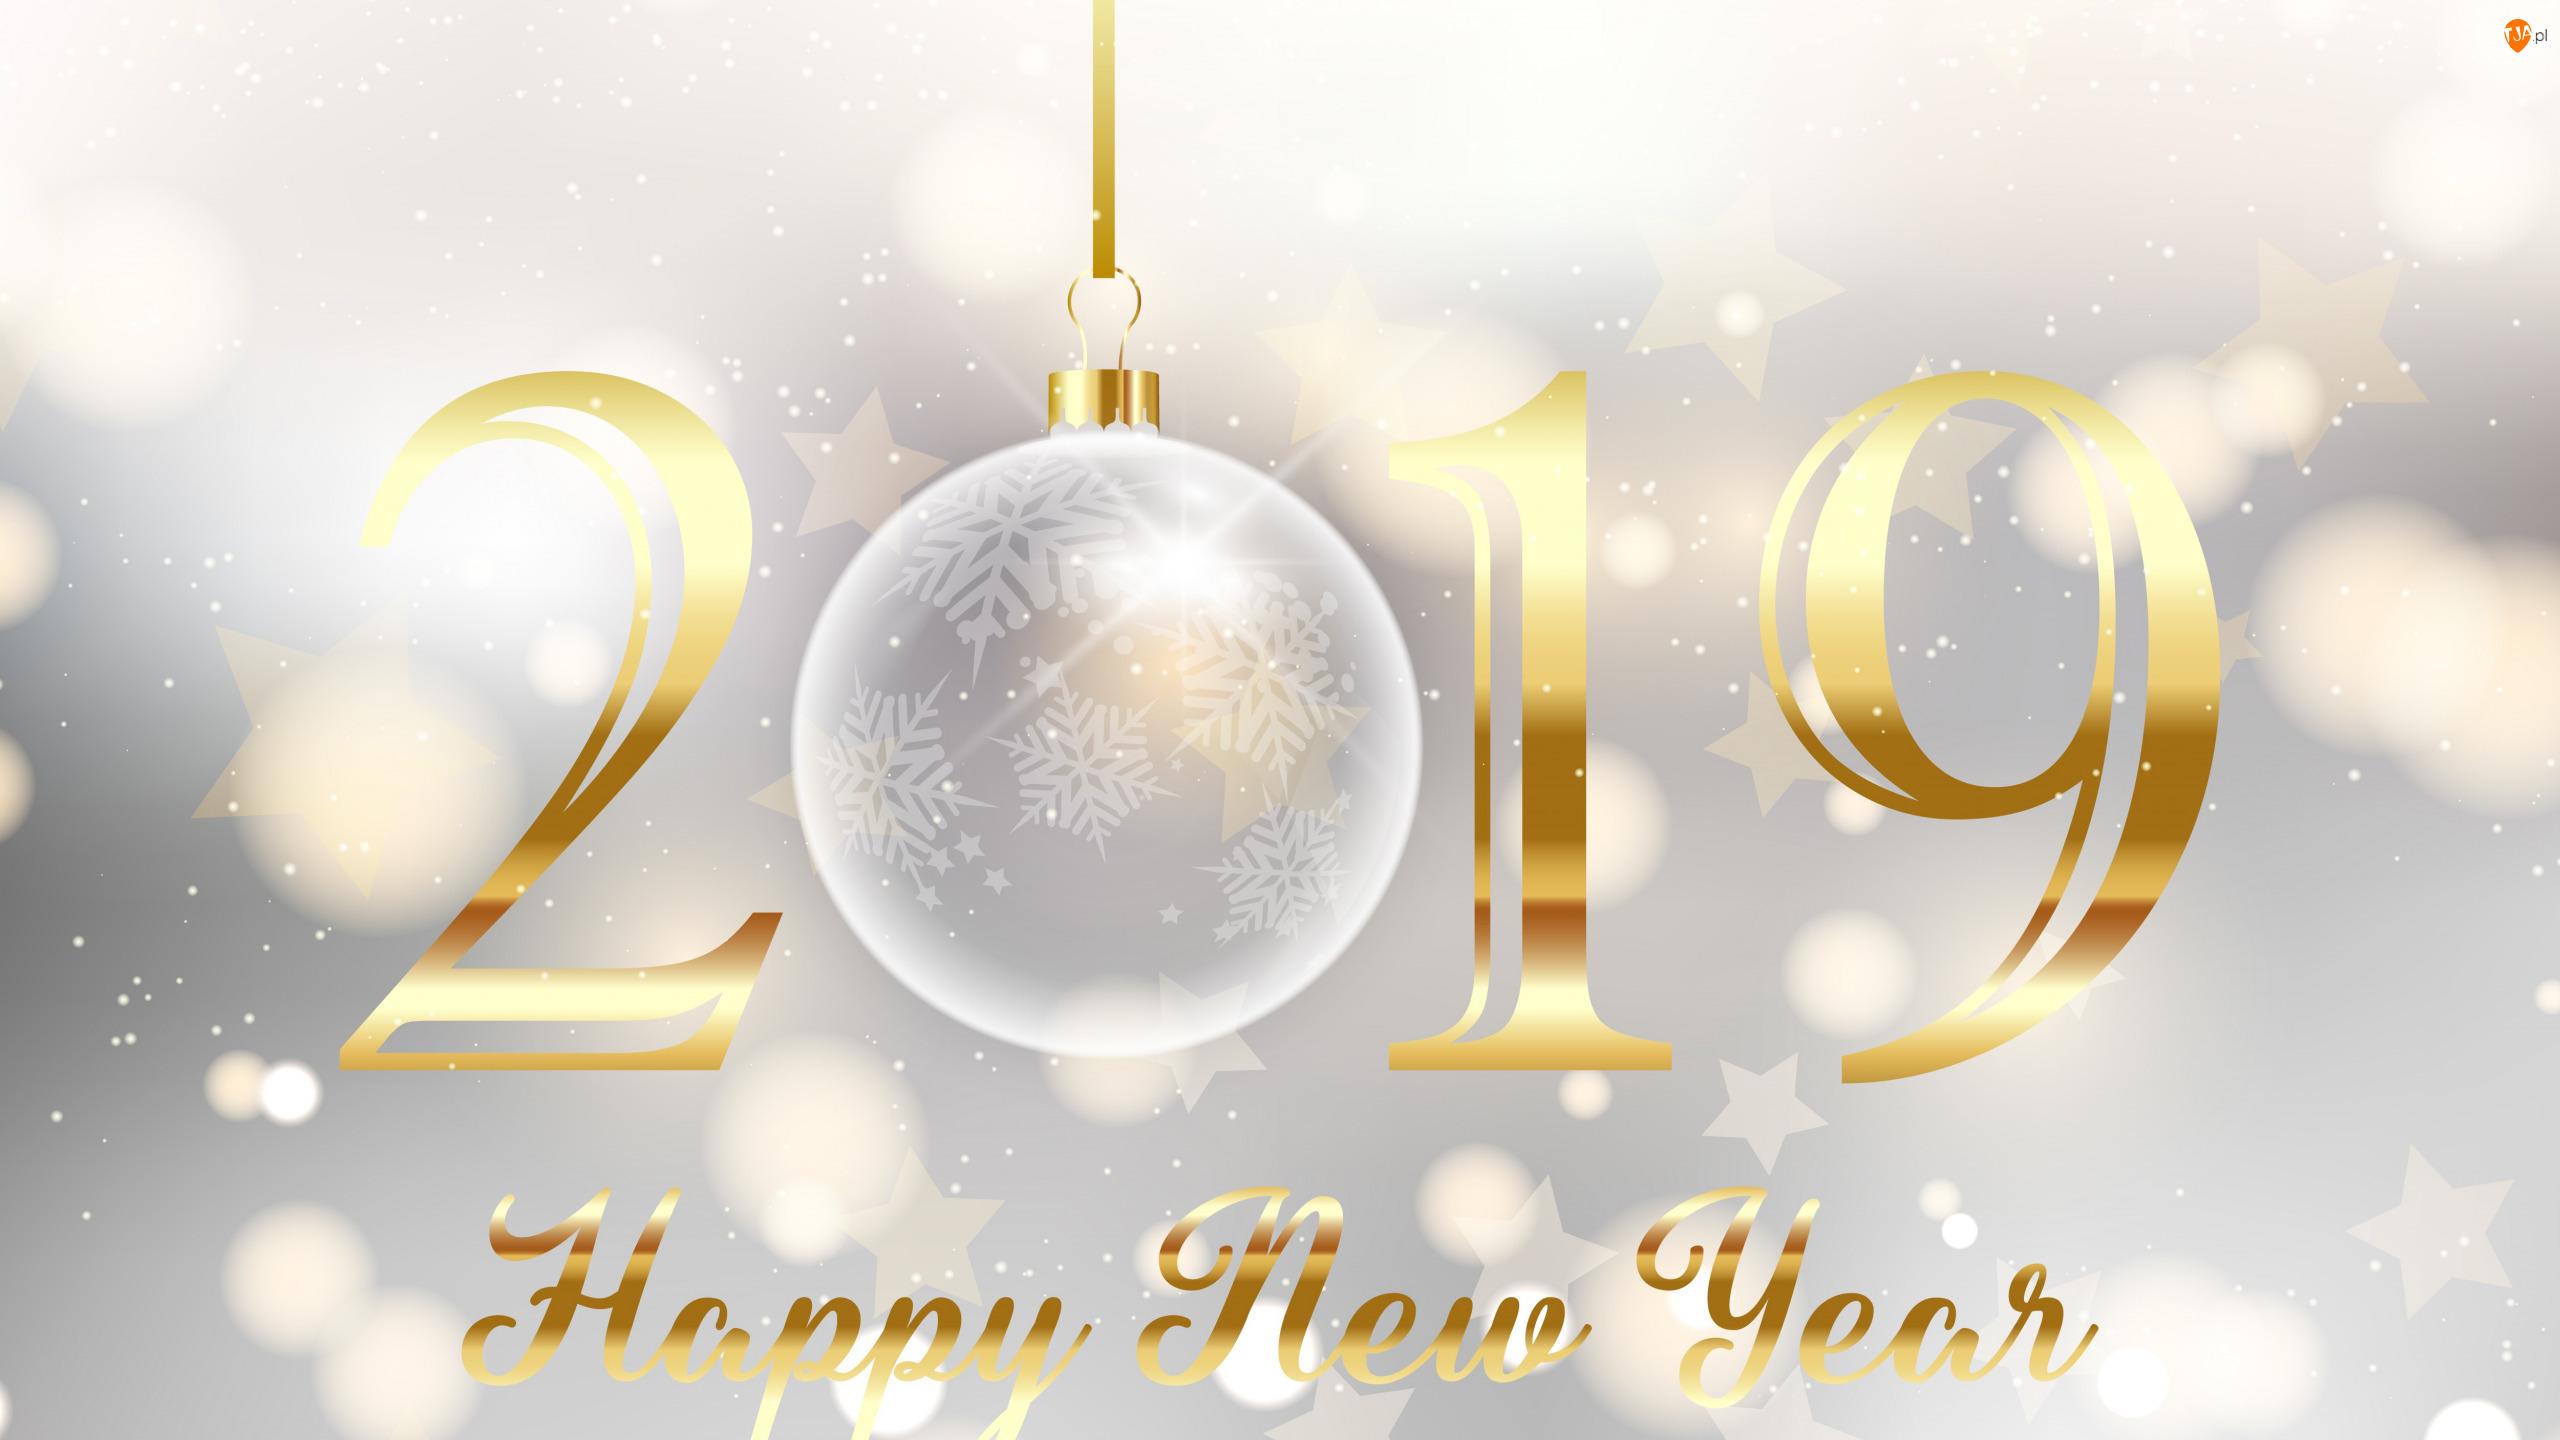 2019, Nowy Rok, Happy New Year, Gwiazdki, Napis, Bombka